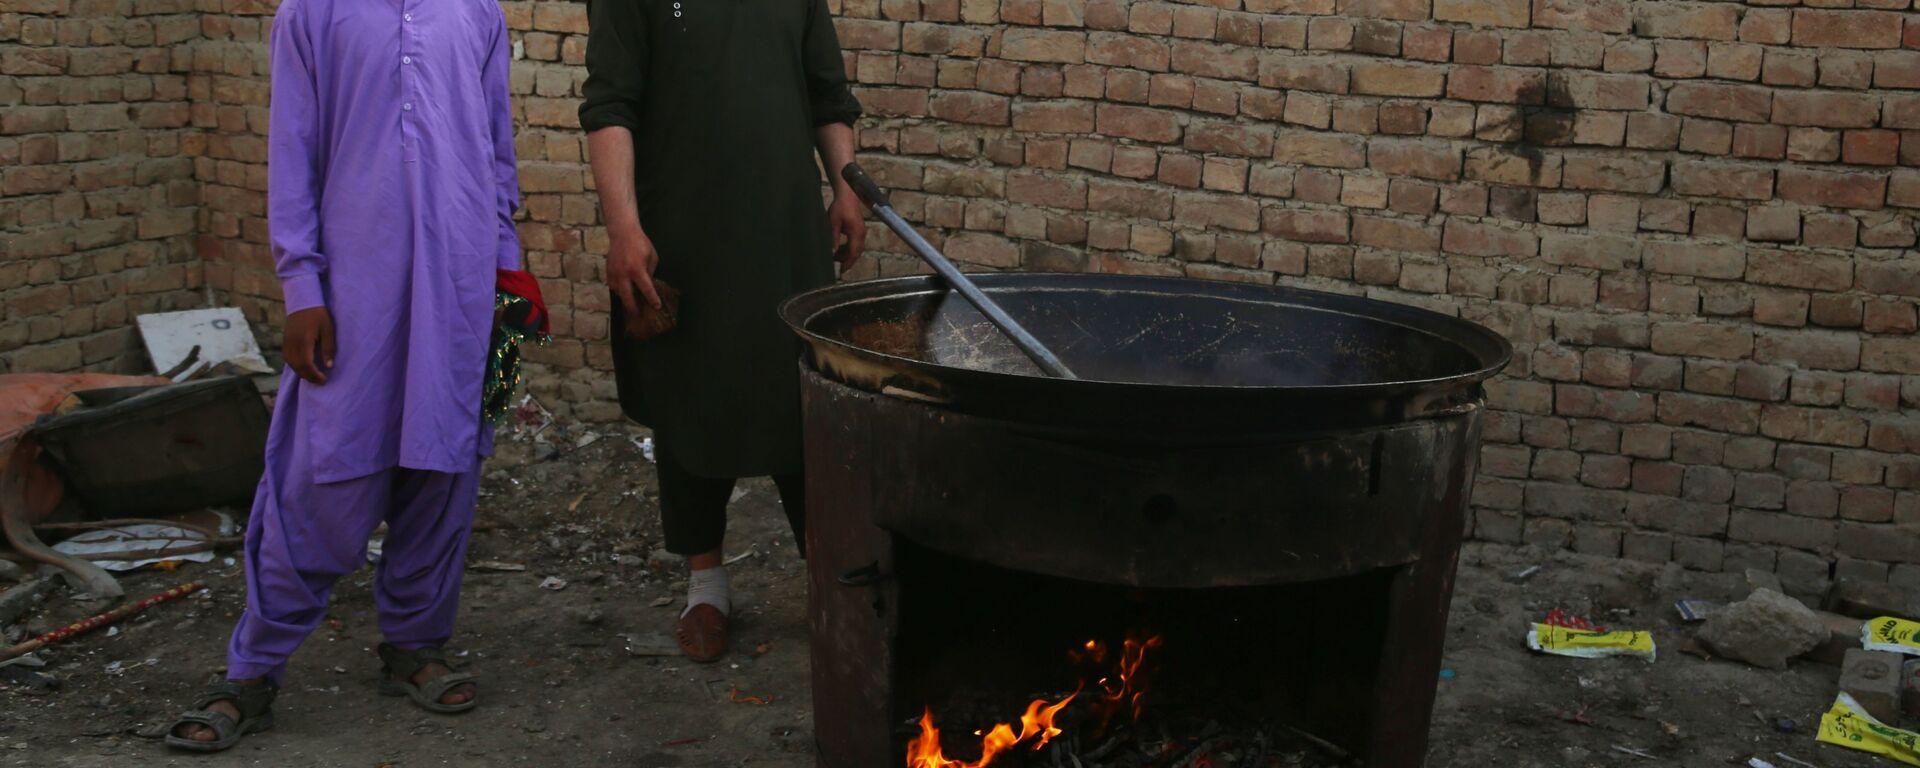 Люди готовят еду во временном лагере для пострадавших в результате боевых действий, на одной из улиц Кабула - Sputnik Латвия, 1920, 20.08.2021